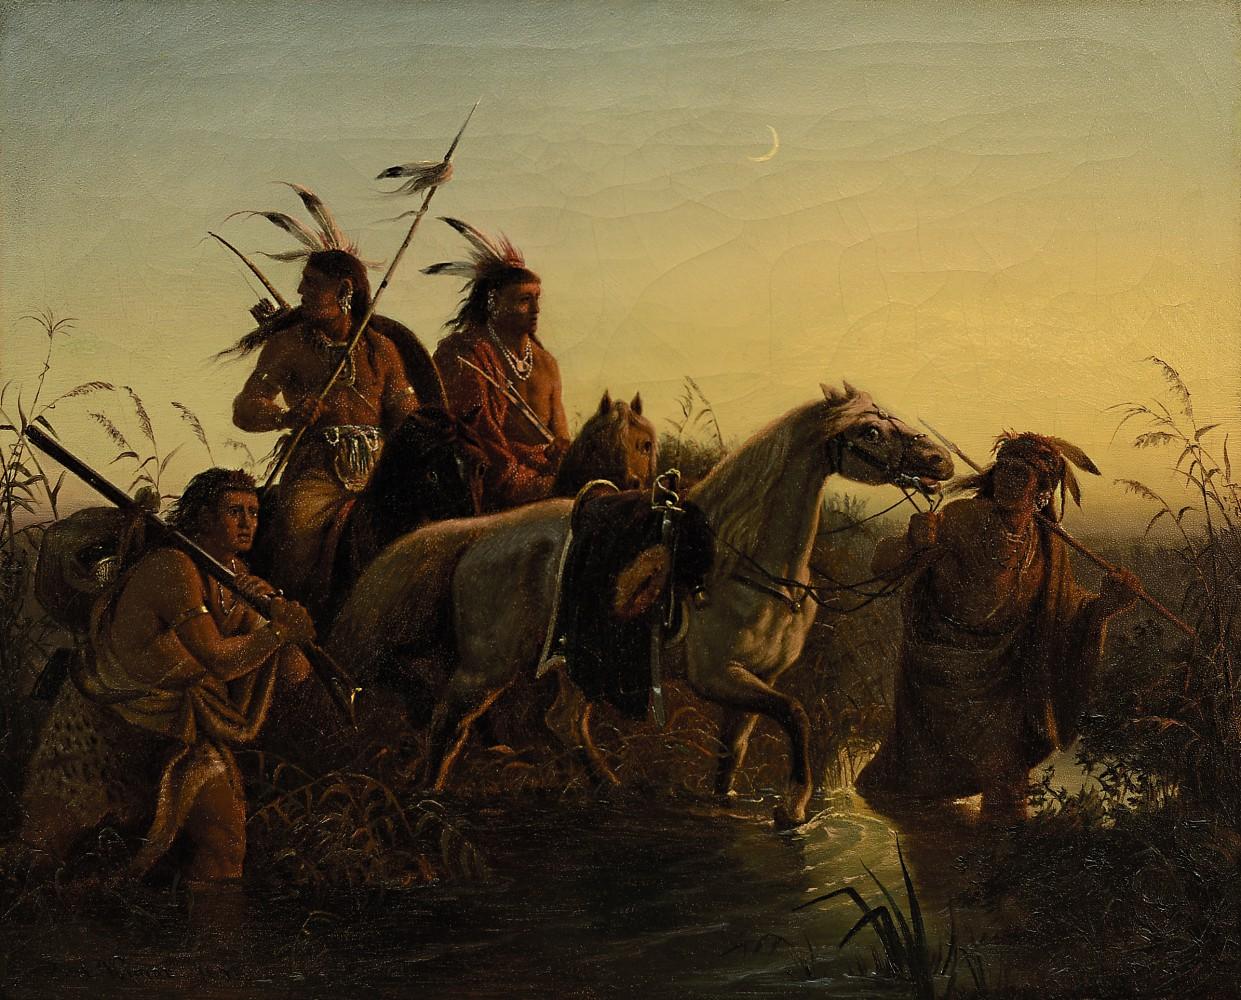 """Carl Ferdinand Charles Wimars Gemälde """"Indianer mit Pferden"""", eine Ölstudie zu seinem Gemälde """"Captive Charger"""", wird bei Scheublein, München, in der Auktion am 30. Juni versteigert."""